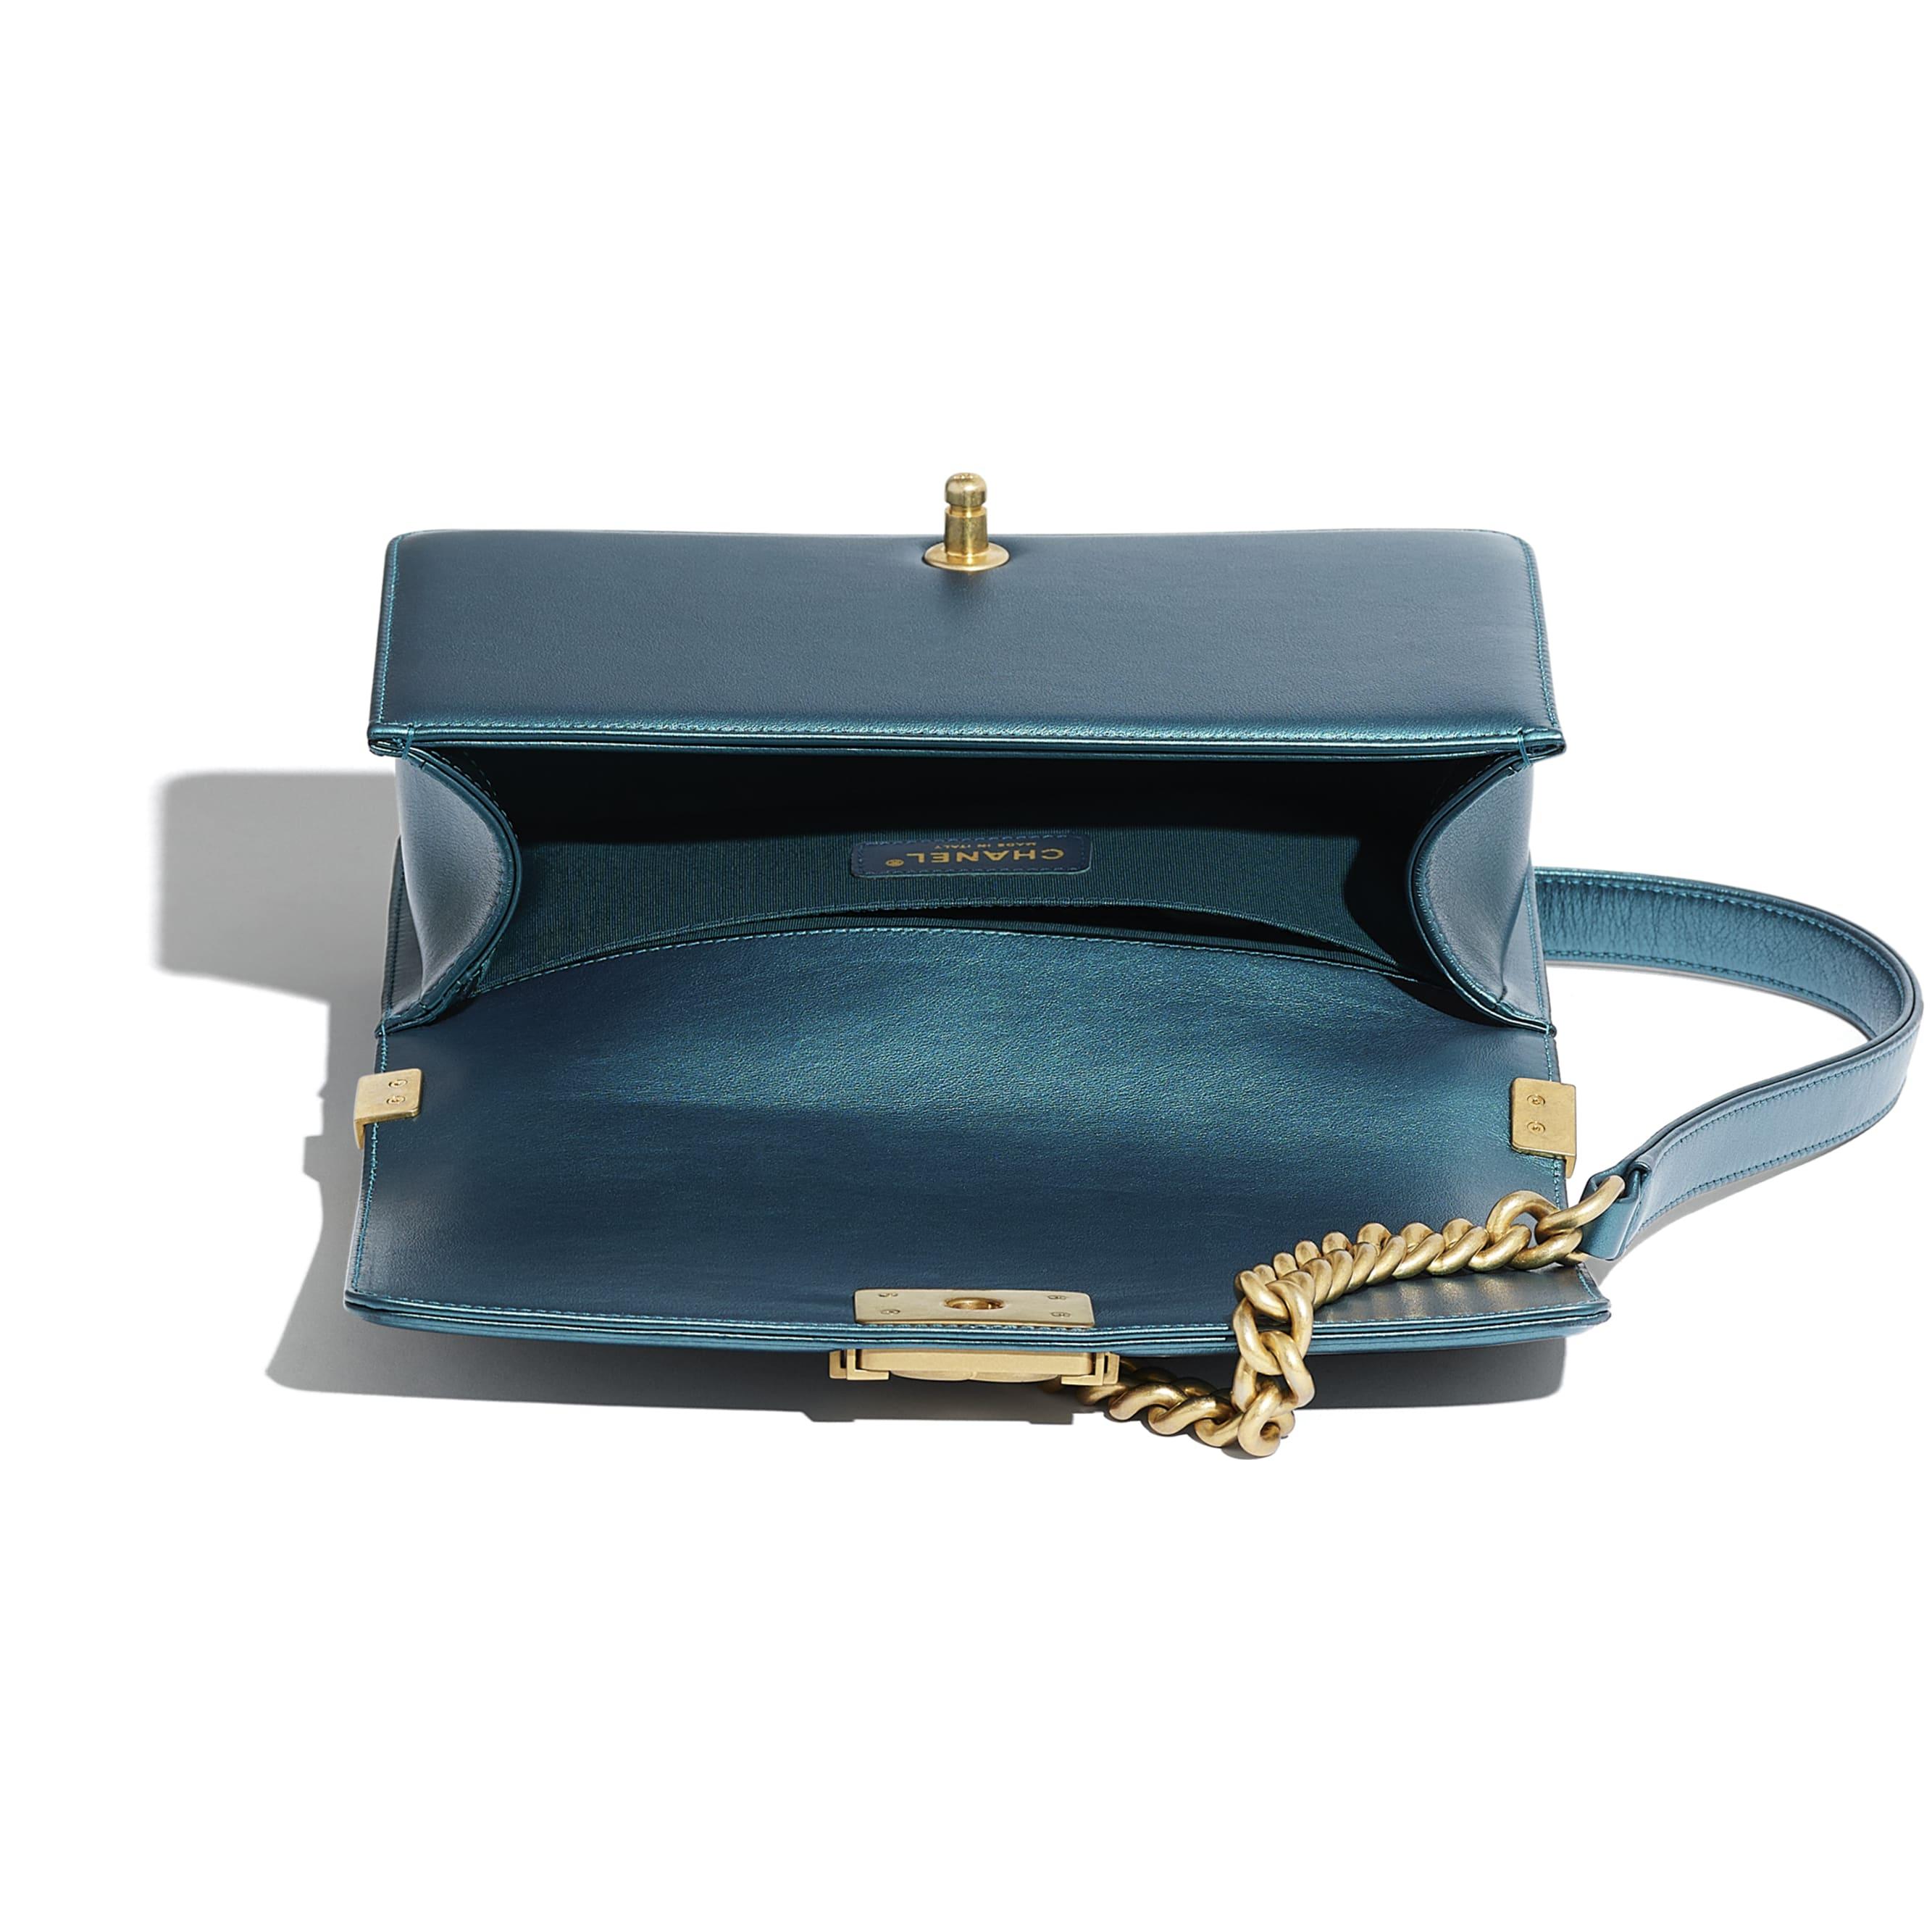 Sac BOY CHANEL - Bleu marine & blanc - Veau métallisé & métal doré - CHANEL - Autre vue - voir la version taille standard